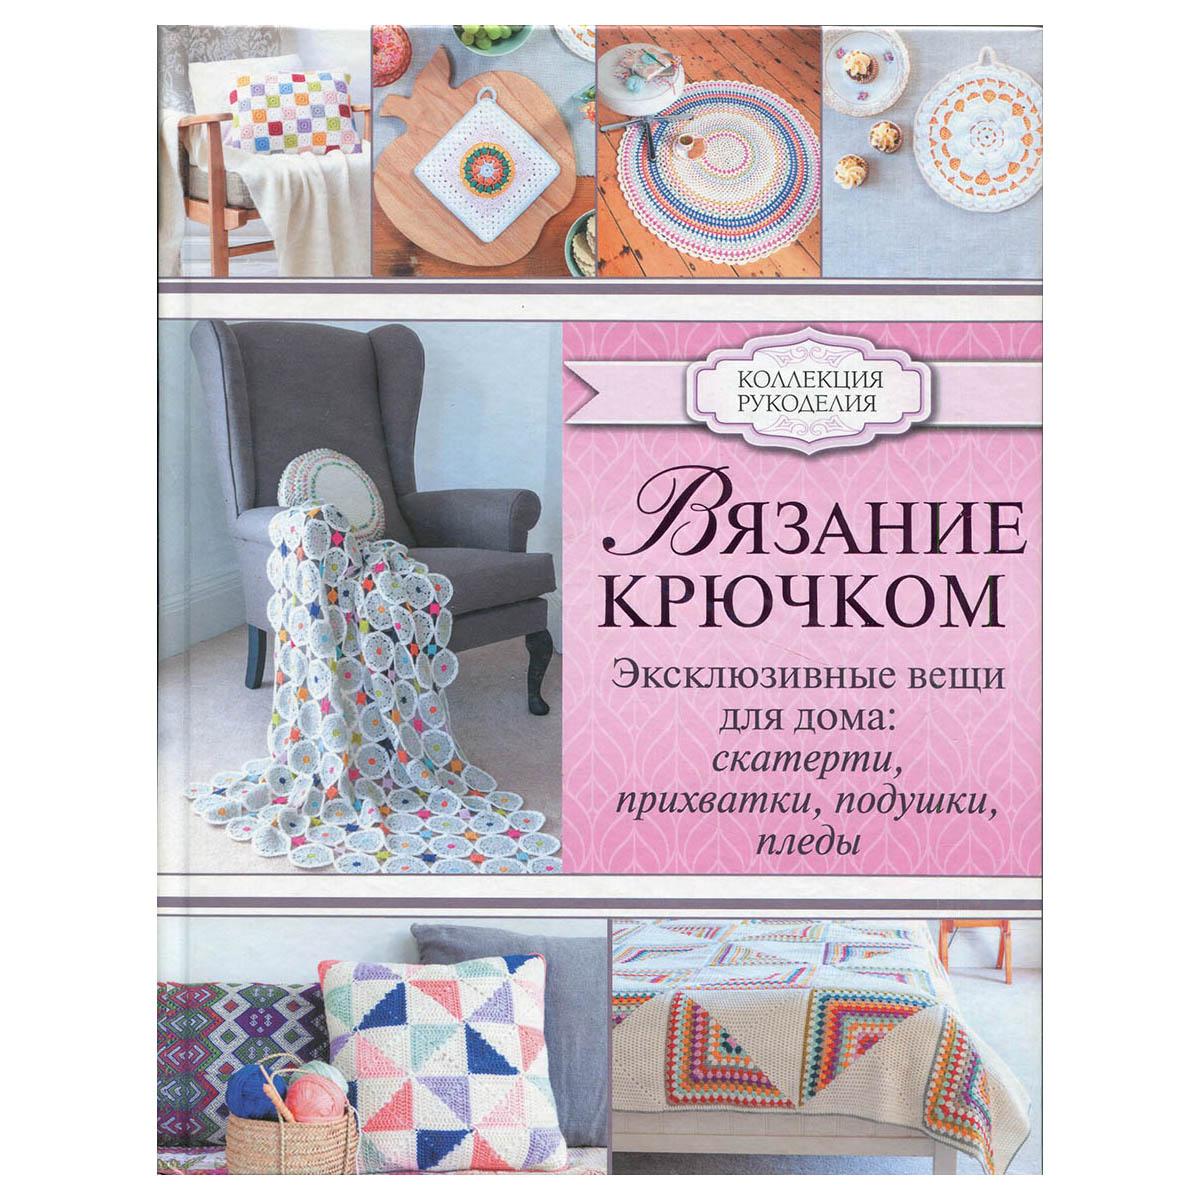 Книга. Коллекция рукоделия. Вязание крючком. Эксклюзивные вещи для дома. Скатерти, прихватки, подушки, пледы.